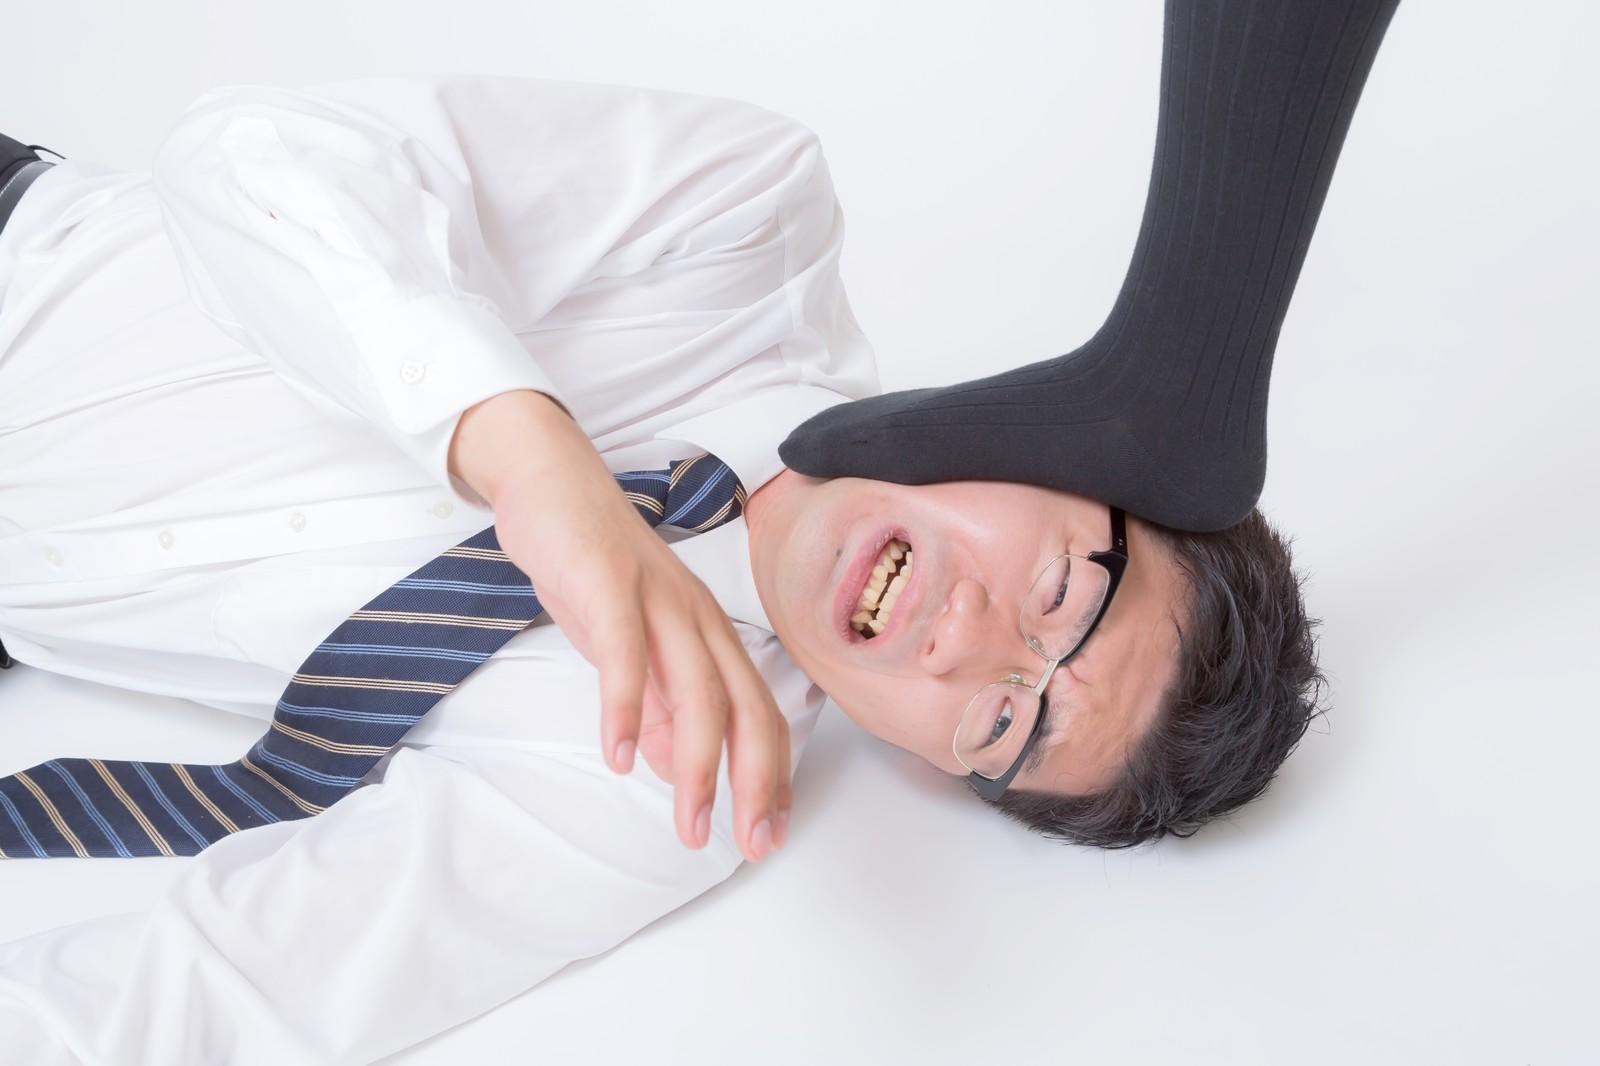 足の臭い用石鹸のオススメはこれ!最強石鹸で足くさとオサラバ